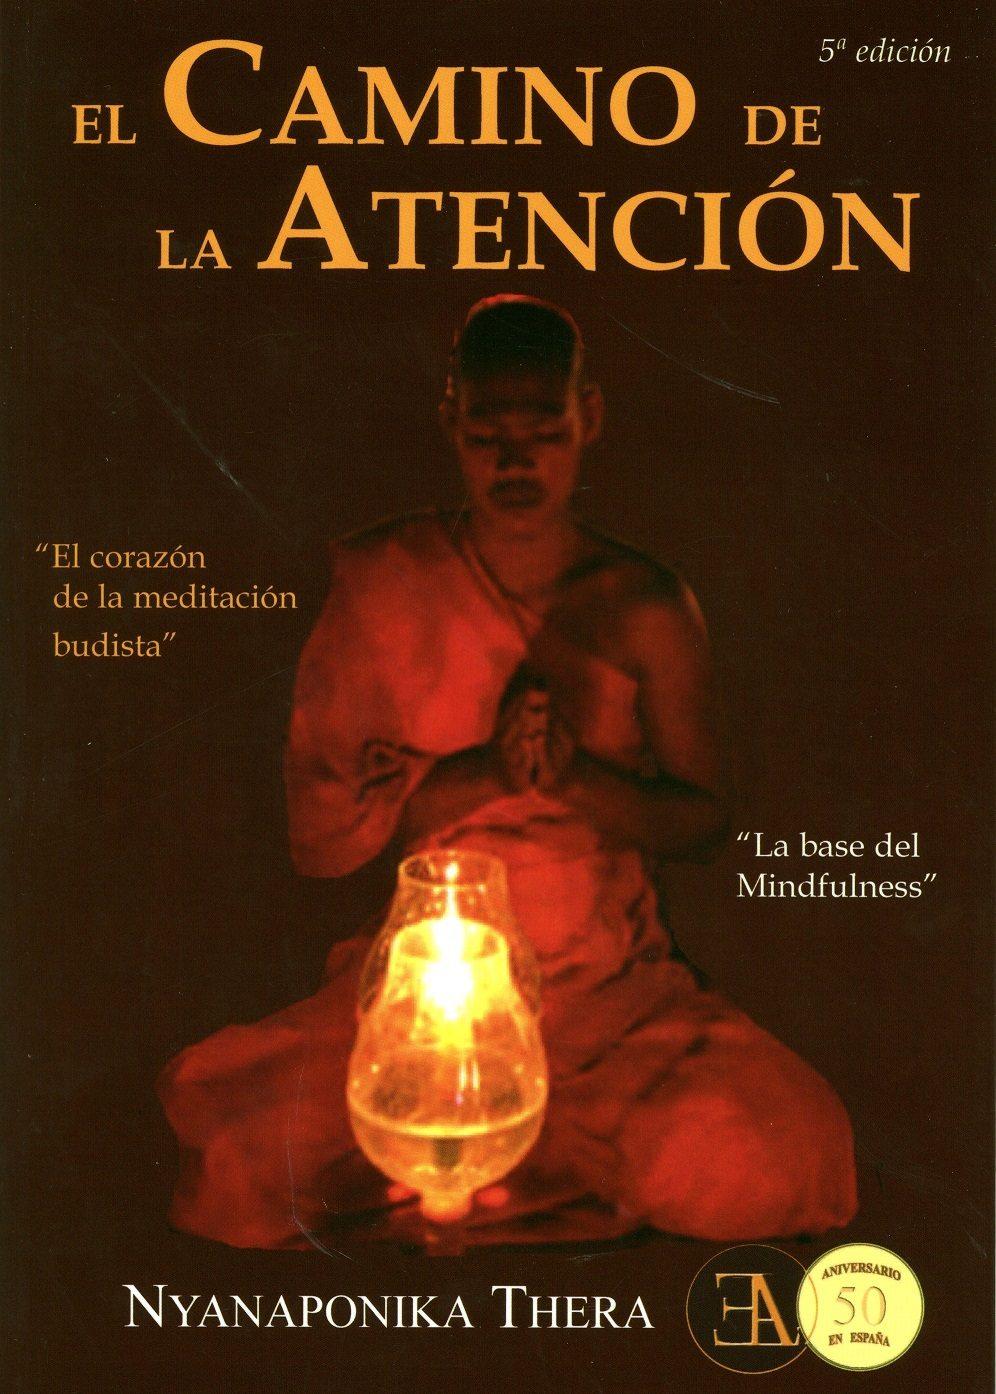 El Camino De La Atencion: El Corazon De La Meditacion Budista (3ª Ed.) por Nyanaponika Thera